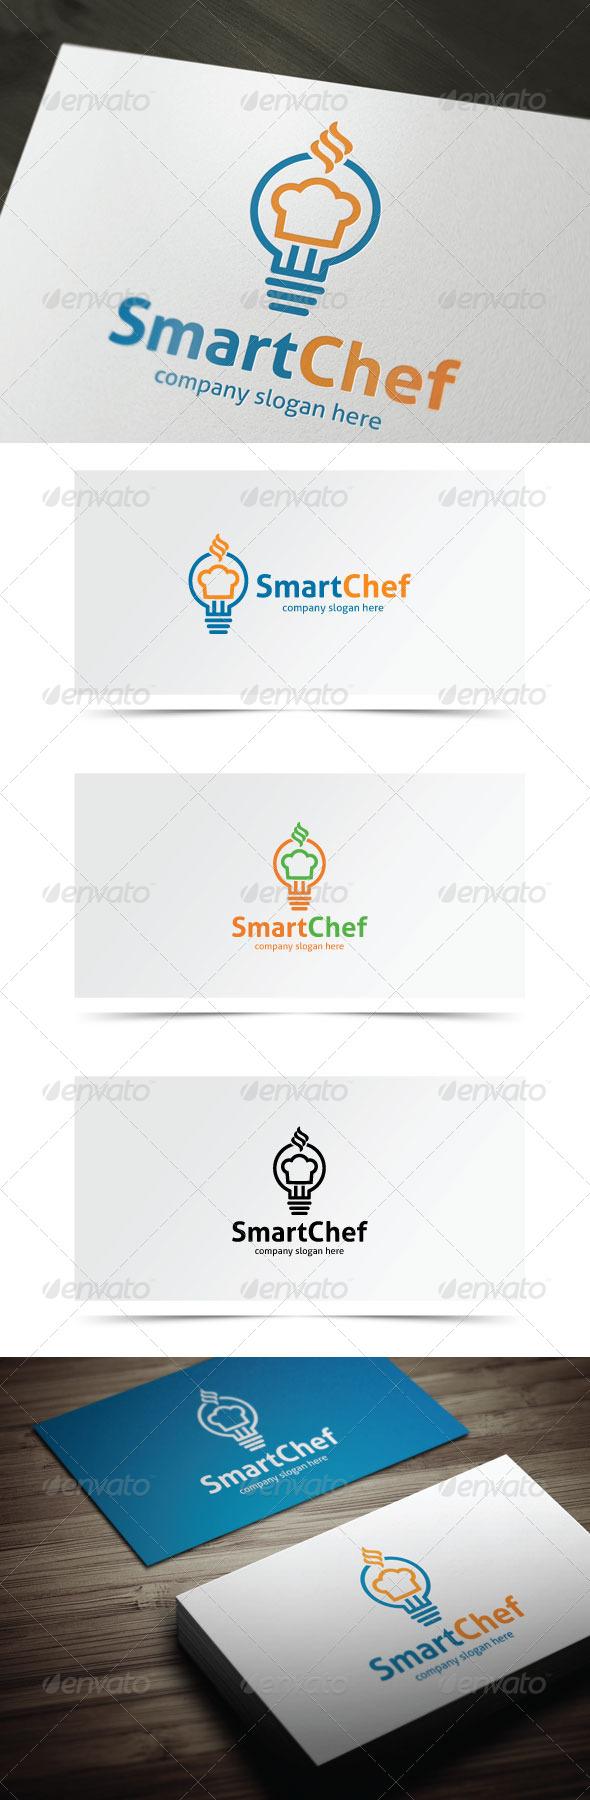 GraphicRiver Smart Chef 7992110